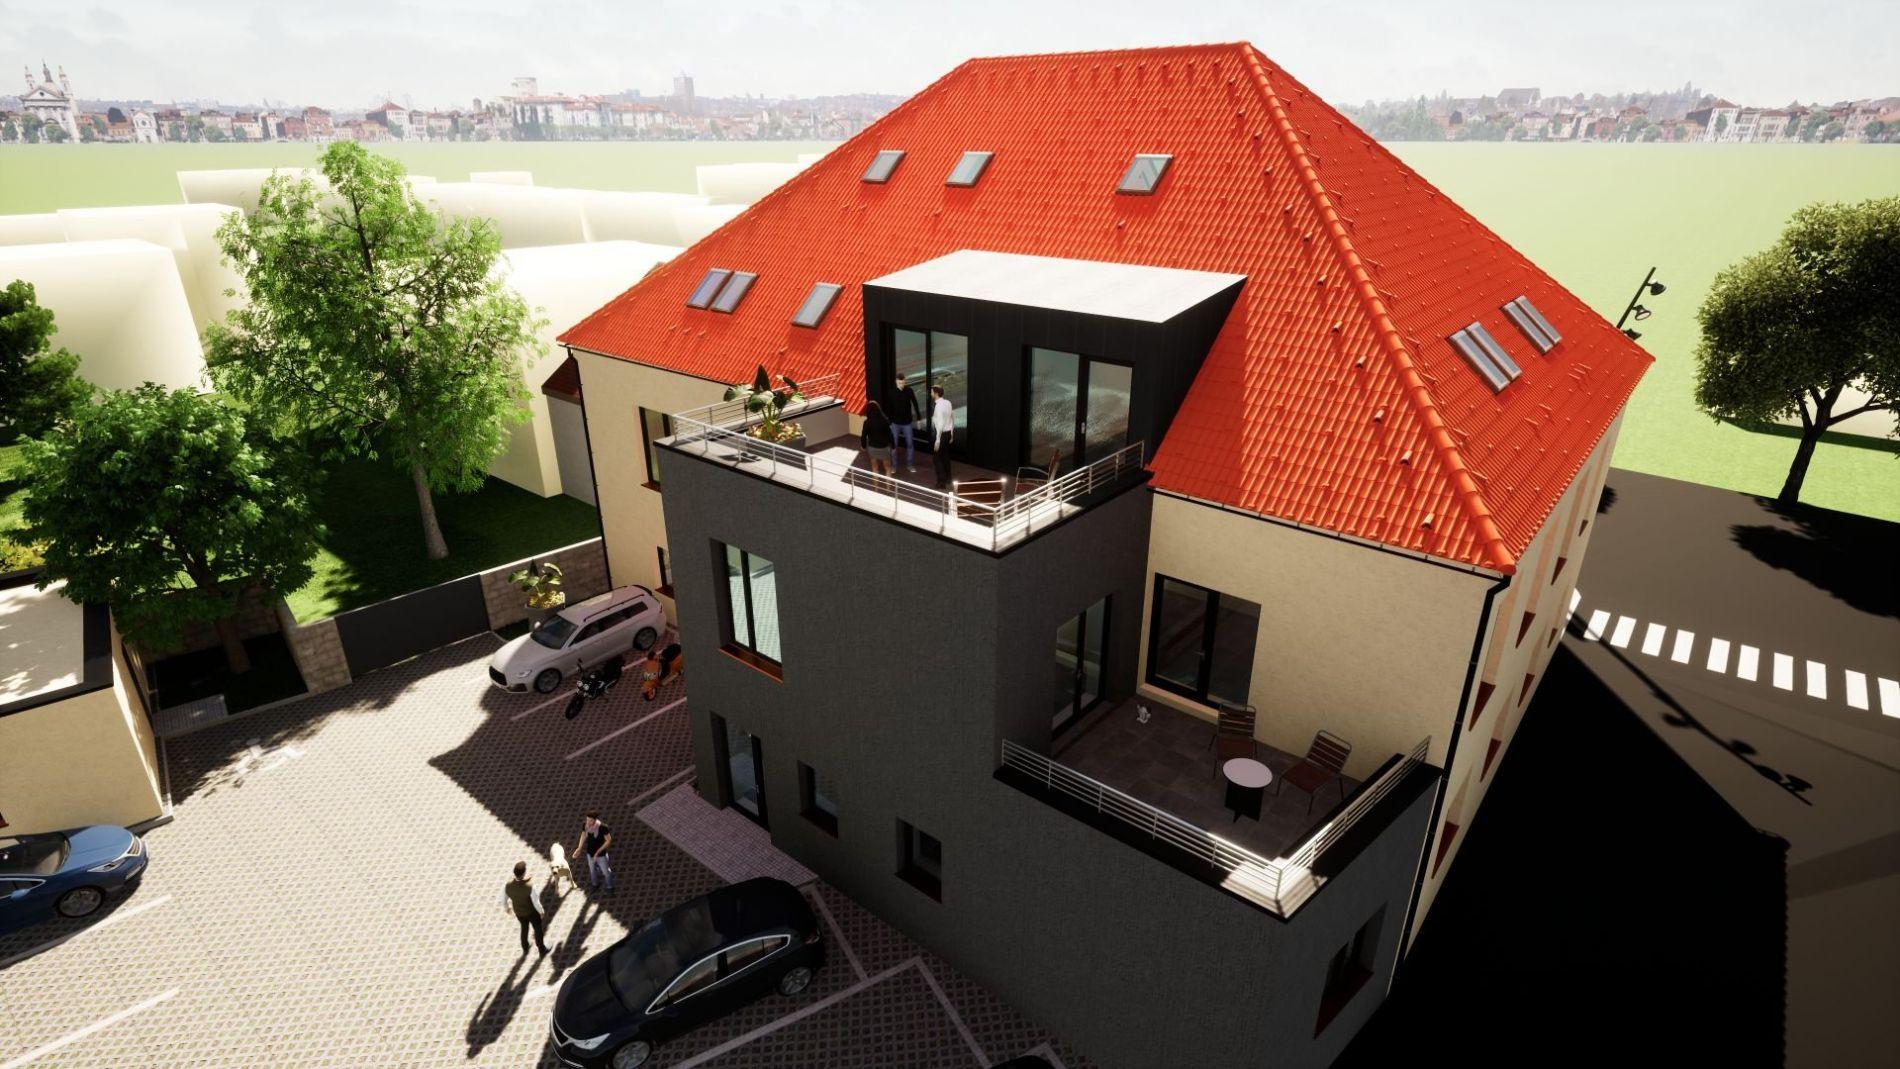 Prodej nemovitosti a developerského projektu výstavby bytového domu v Rokycanech - Borek.